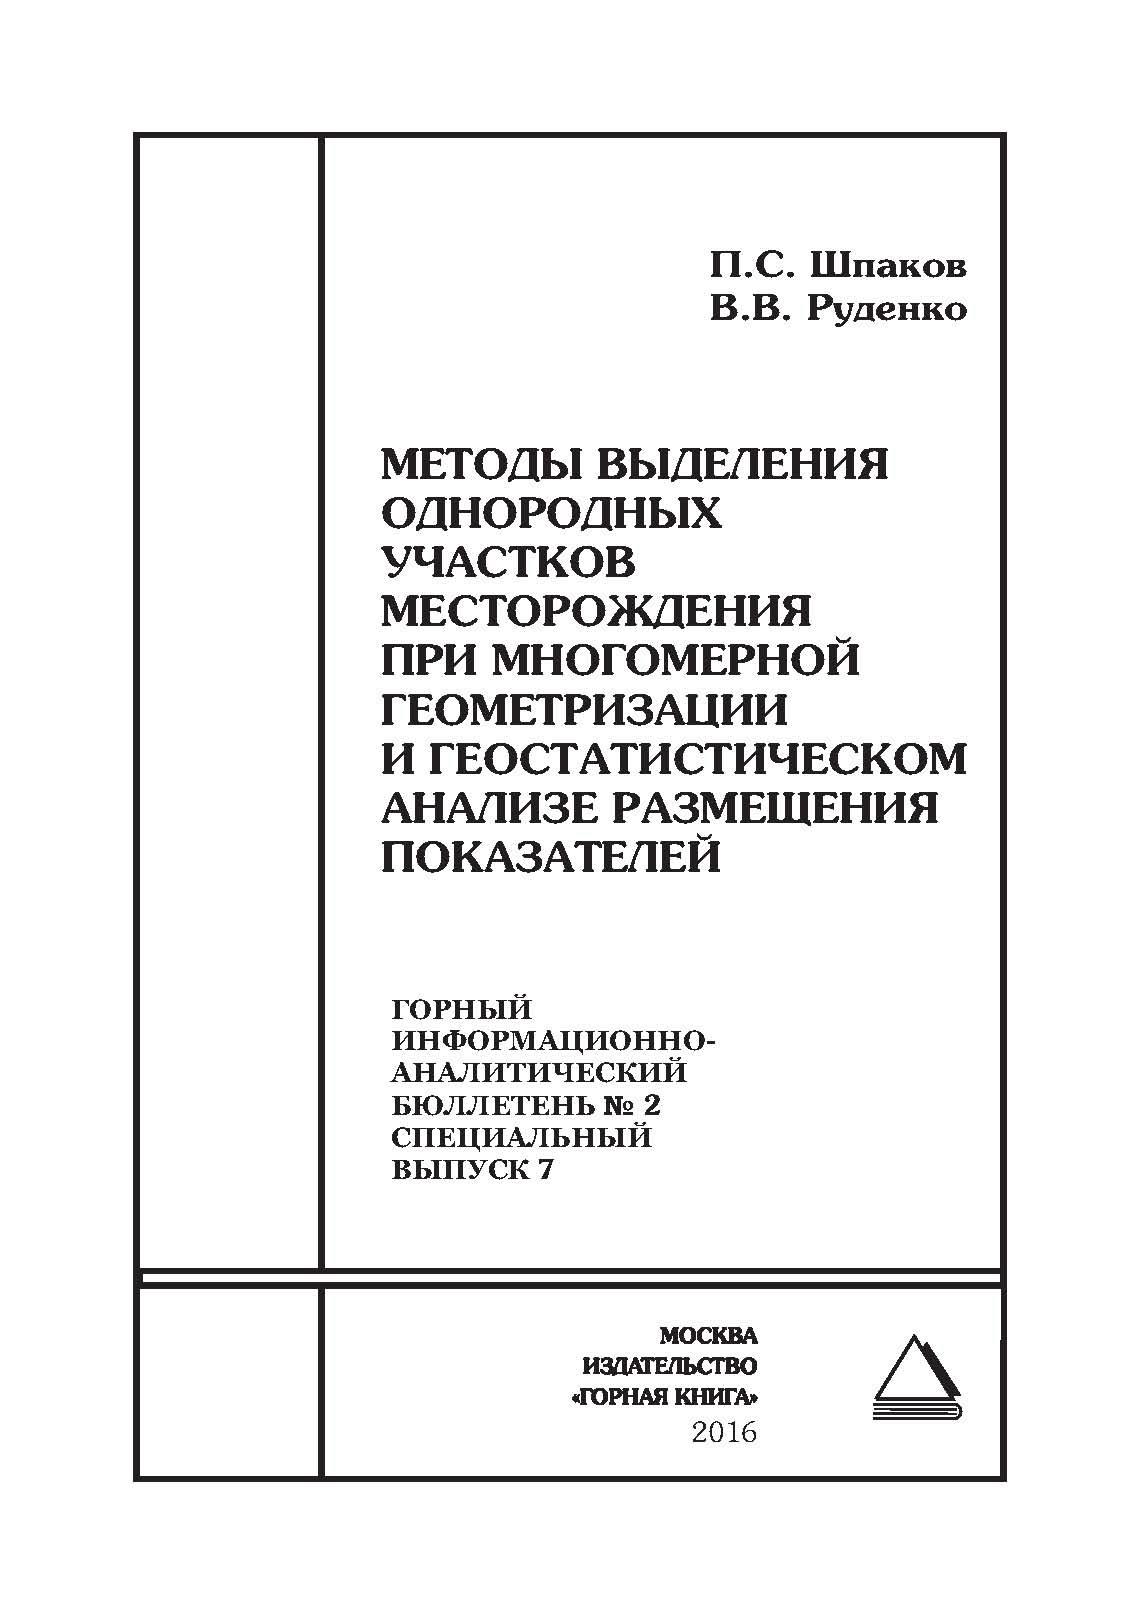 В. В. Руденко Методы выделения однородных участков месторождения при многомерной геометризации и геостатистическом анализе размещения показателей